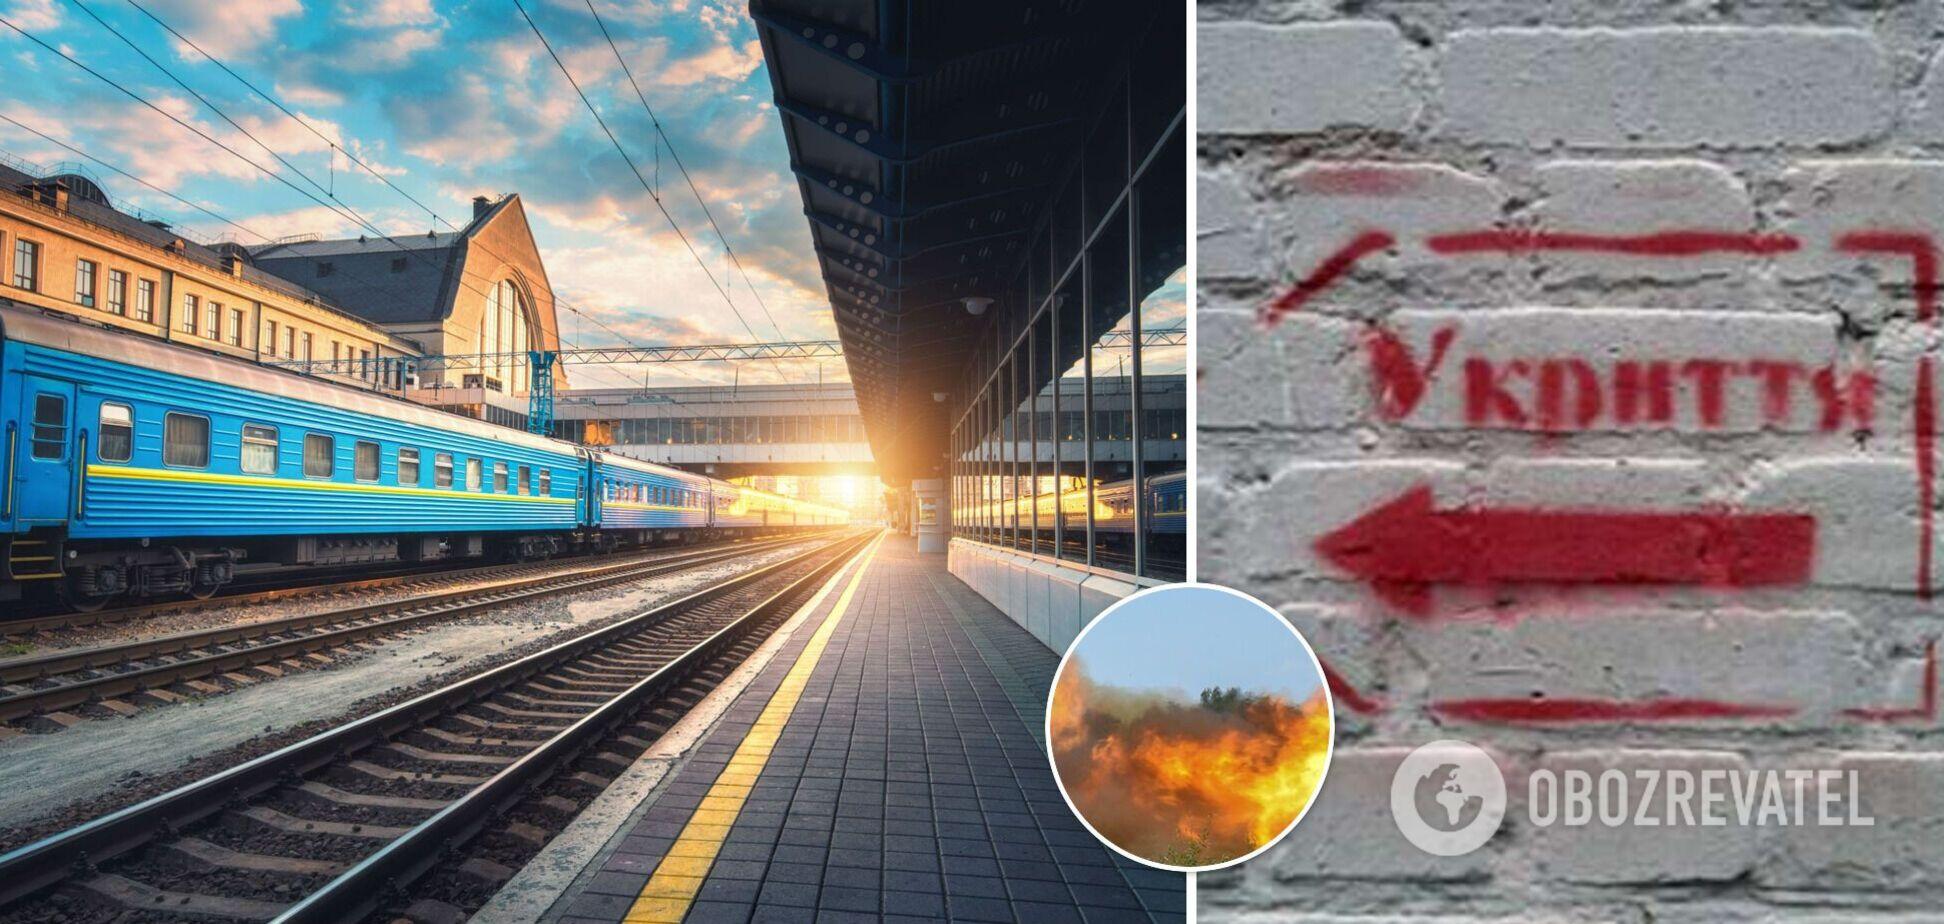 Из-за обстрела Авдеевки ограничили движение поездов: все подробности